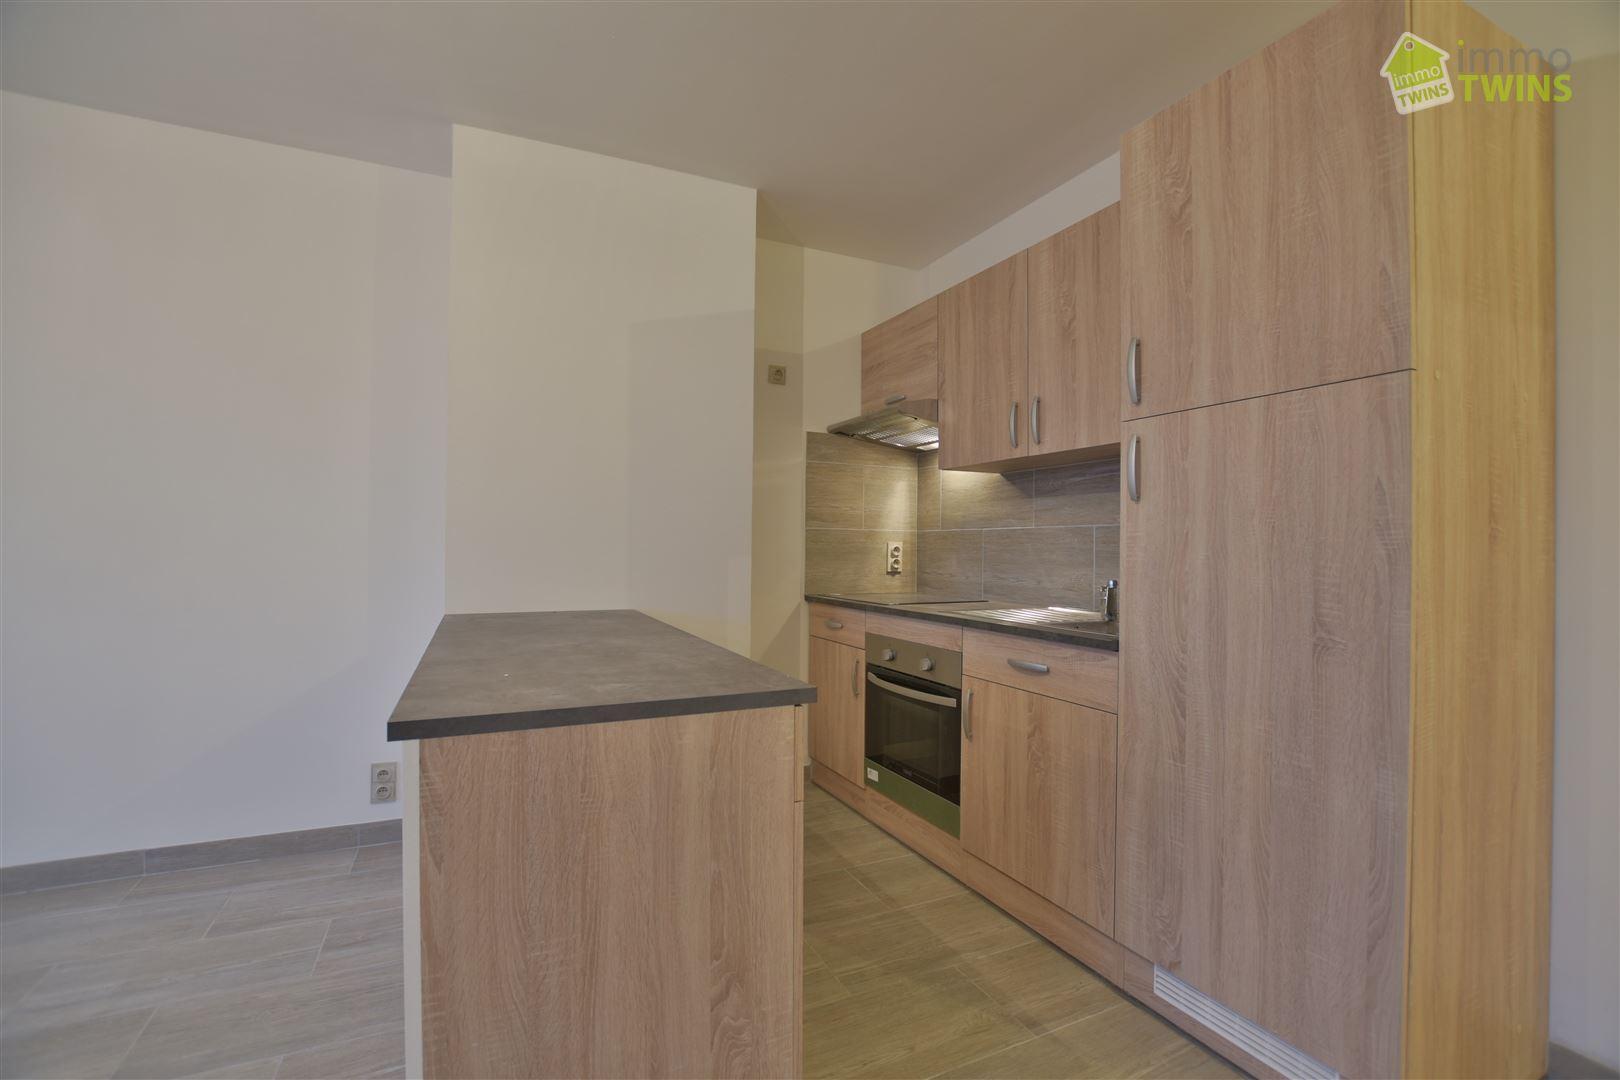 Foto 3 : Appartement te 9200 APPELS (België) - Prijs € 620